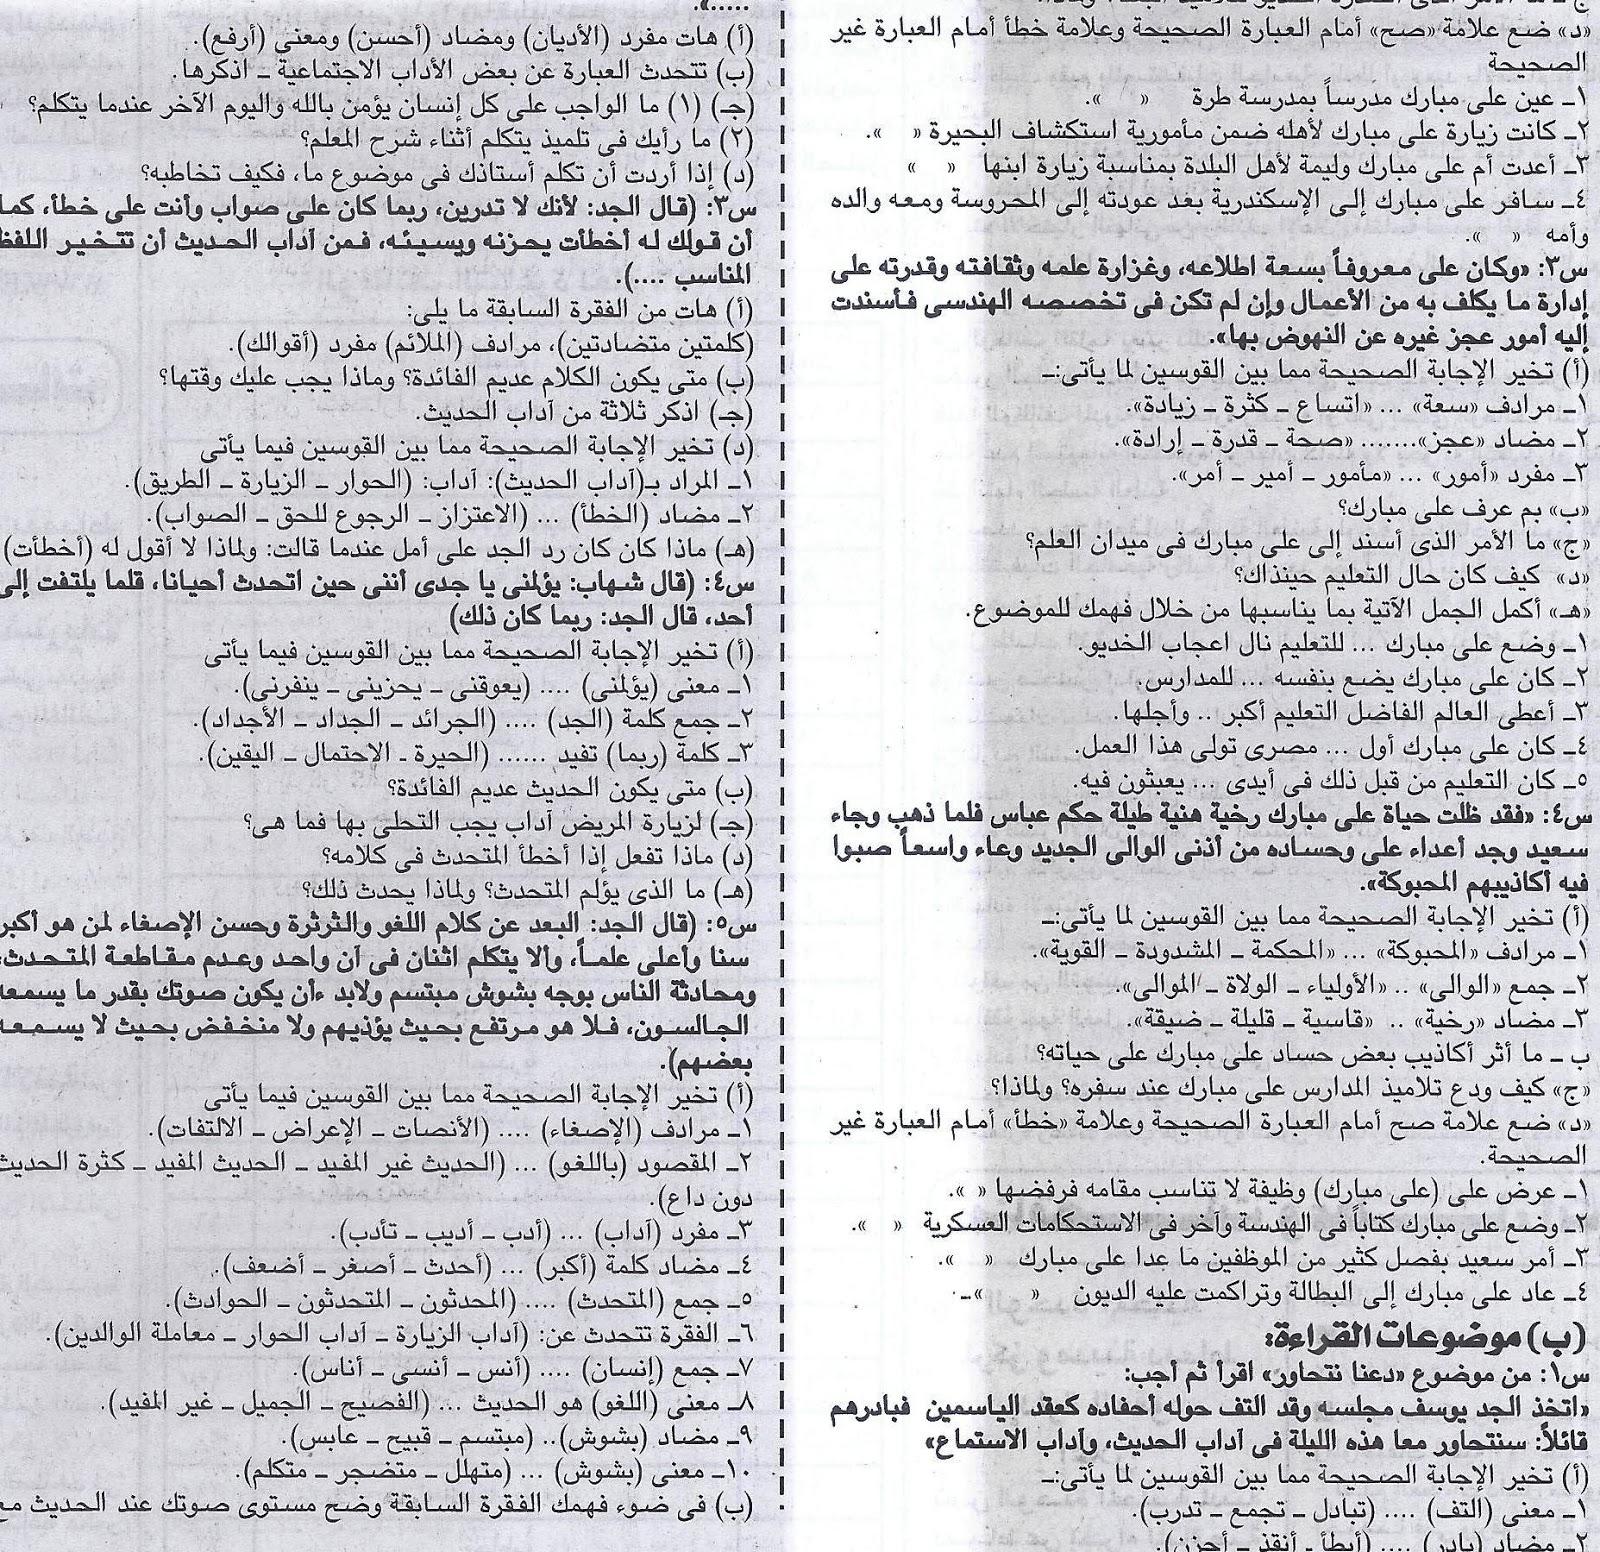 بنك سؤال وجواب لغة عربية الشهادة الابتدائية لن يخرج عنة امتحان اخر العام - ملحق الجمهورية 7/5/2016 2